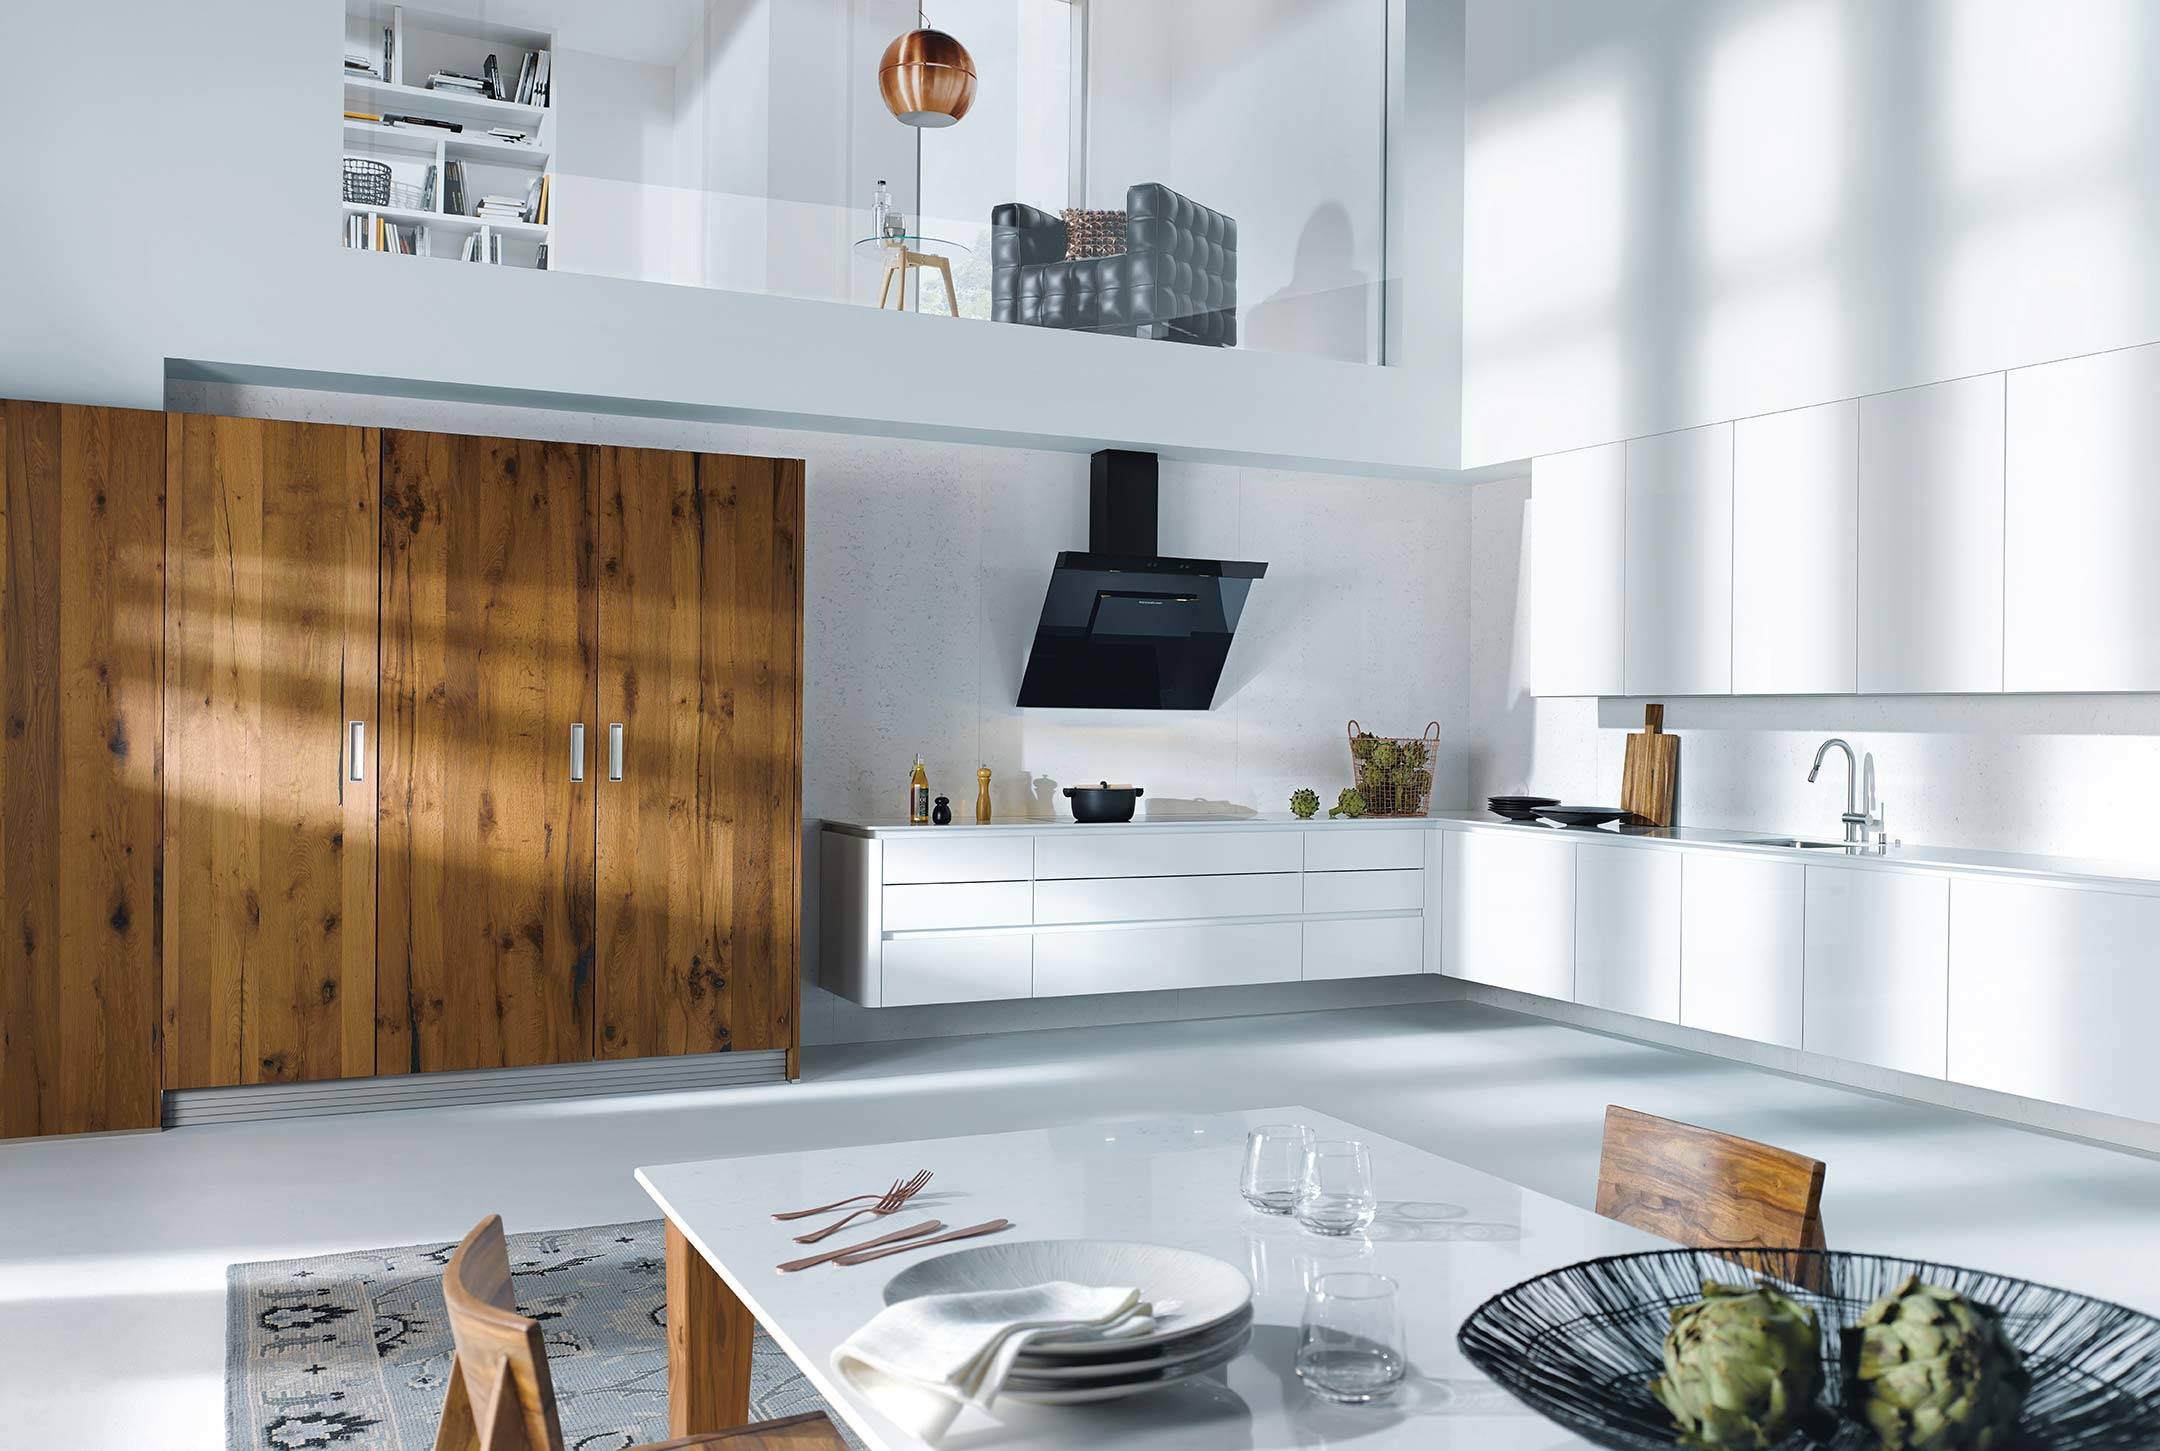 Küche Wohn- und Essbereich weiß